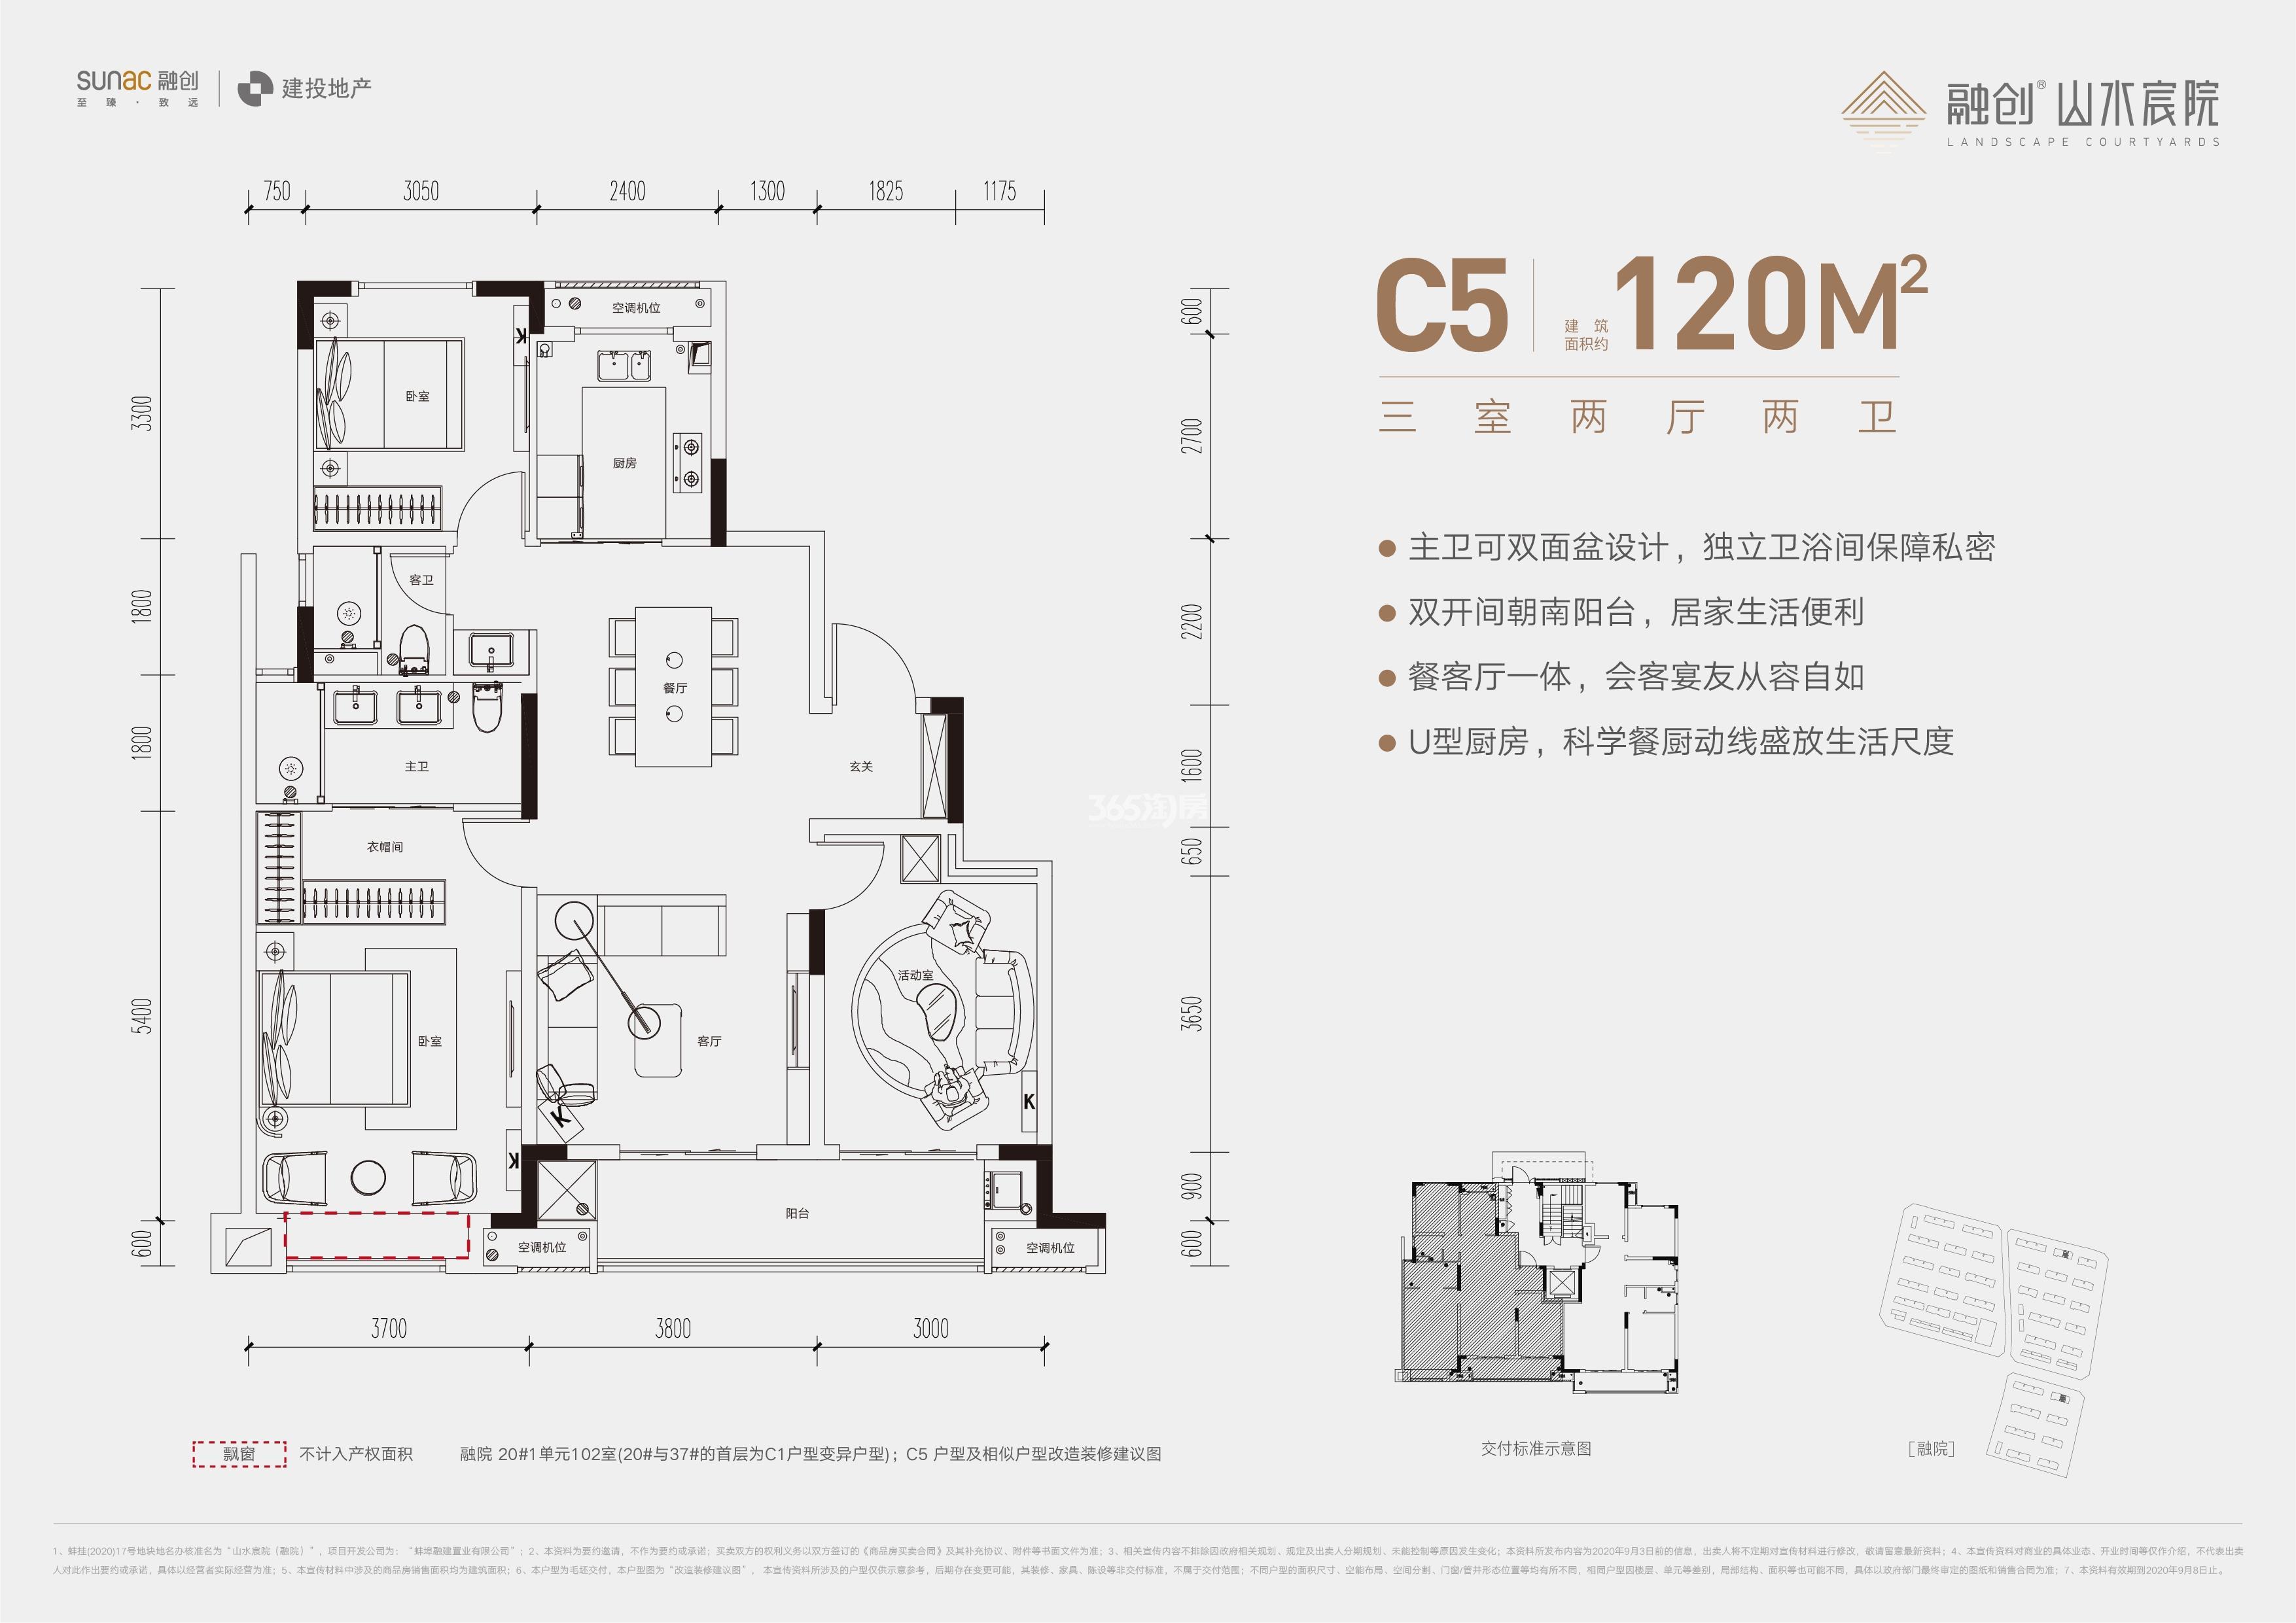 融创山水宸院C5户型 三室两厅两卫120㎡